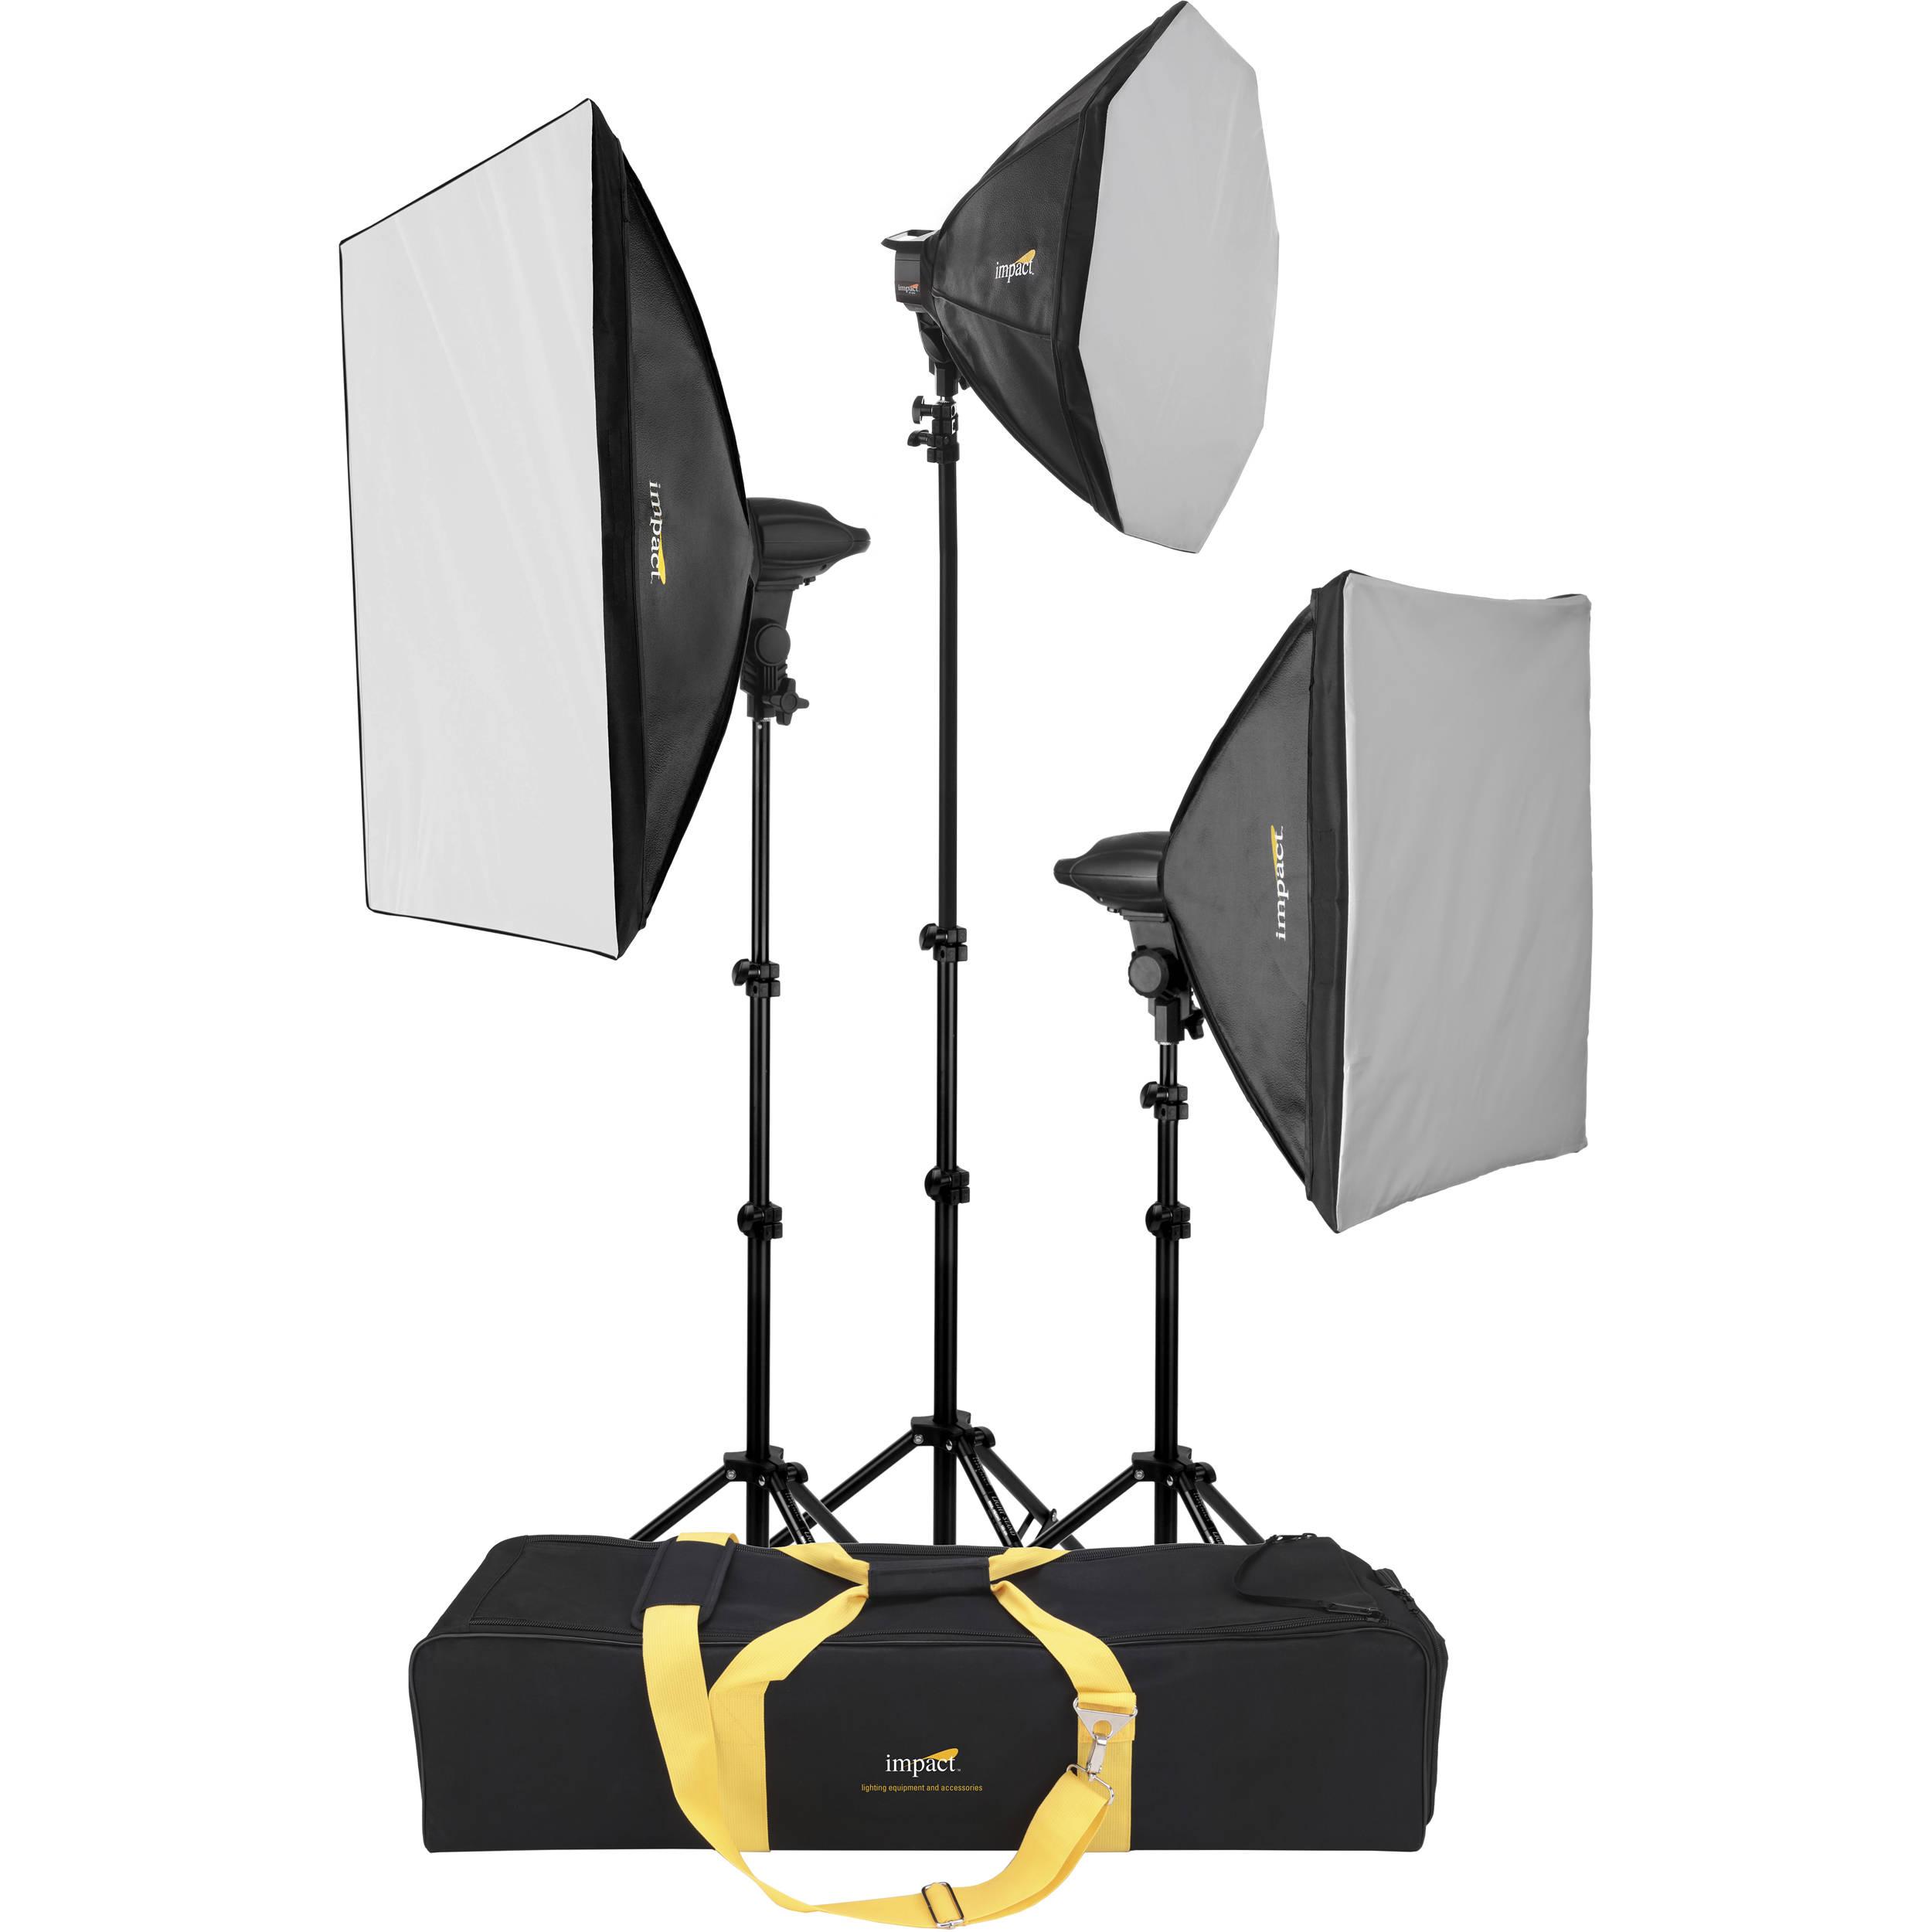 Impact Ff S4 3 Light Daylight Softbox Kit